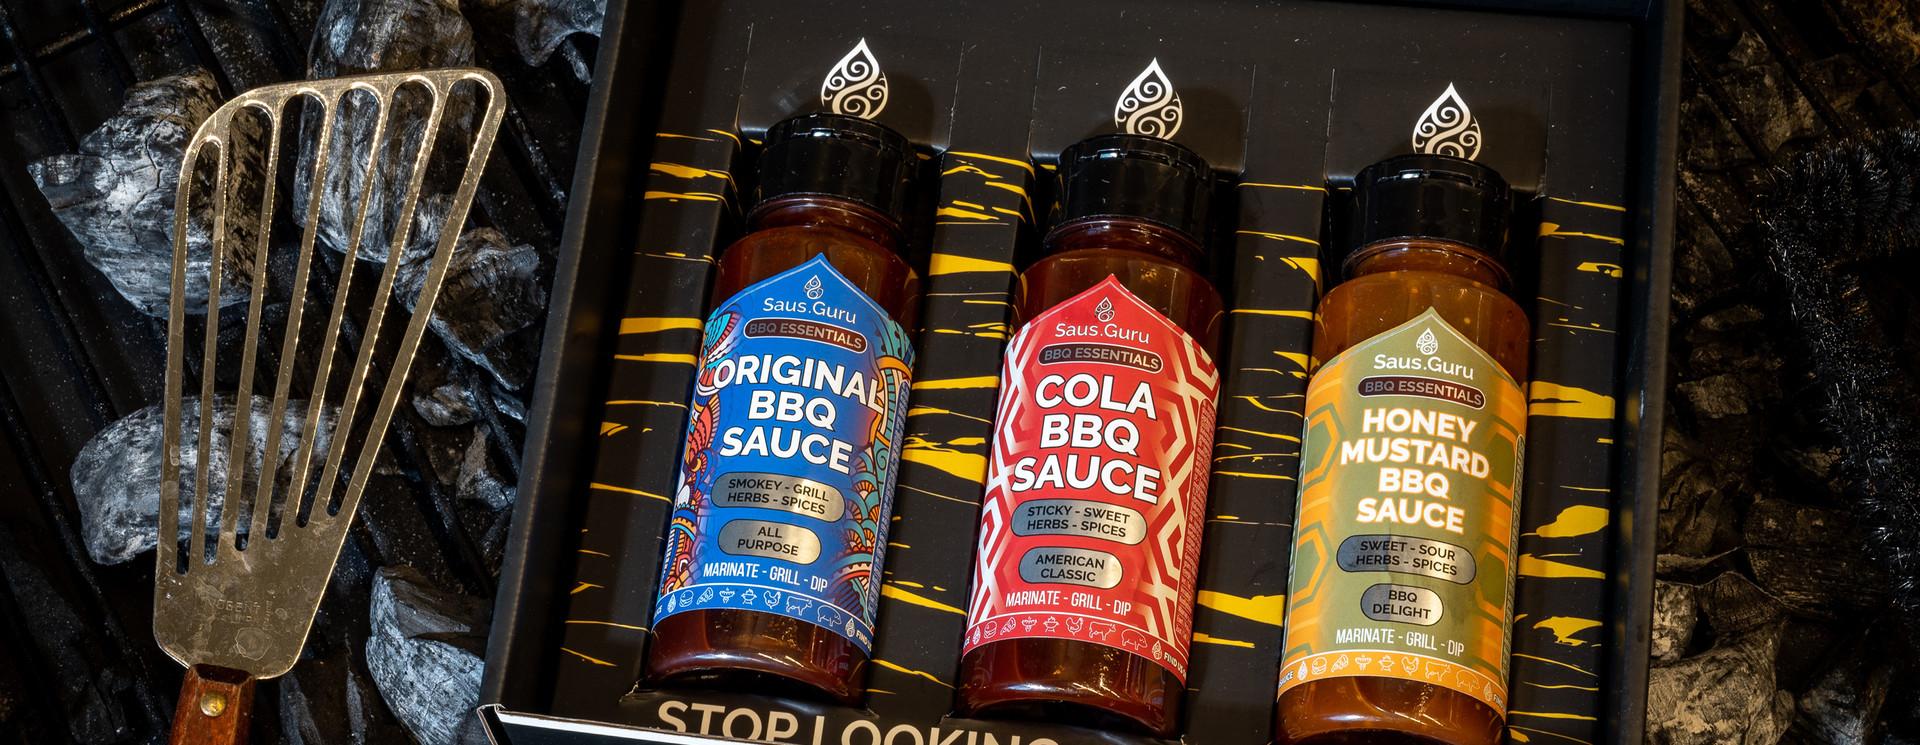 Premium Sauce Giftboxes